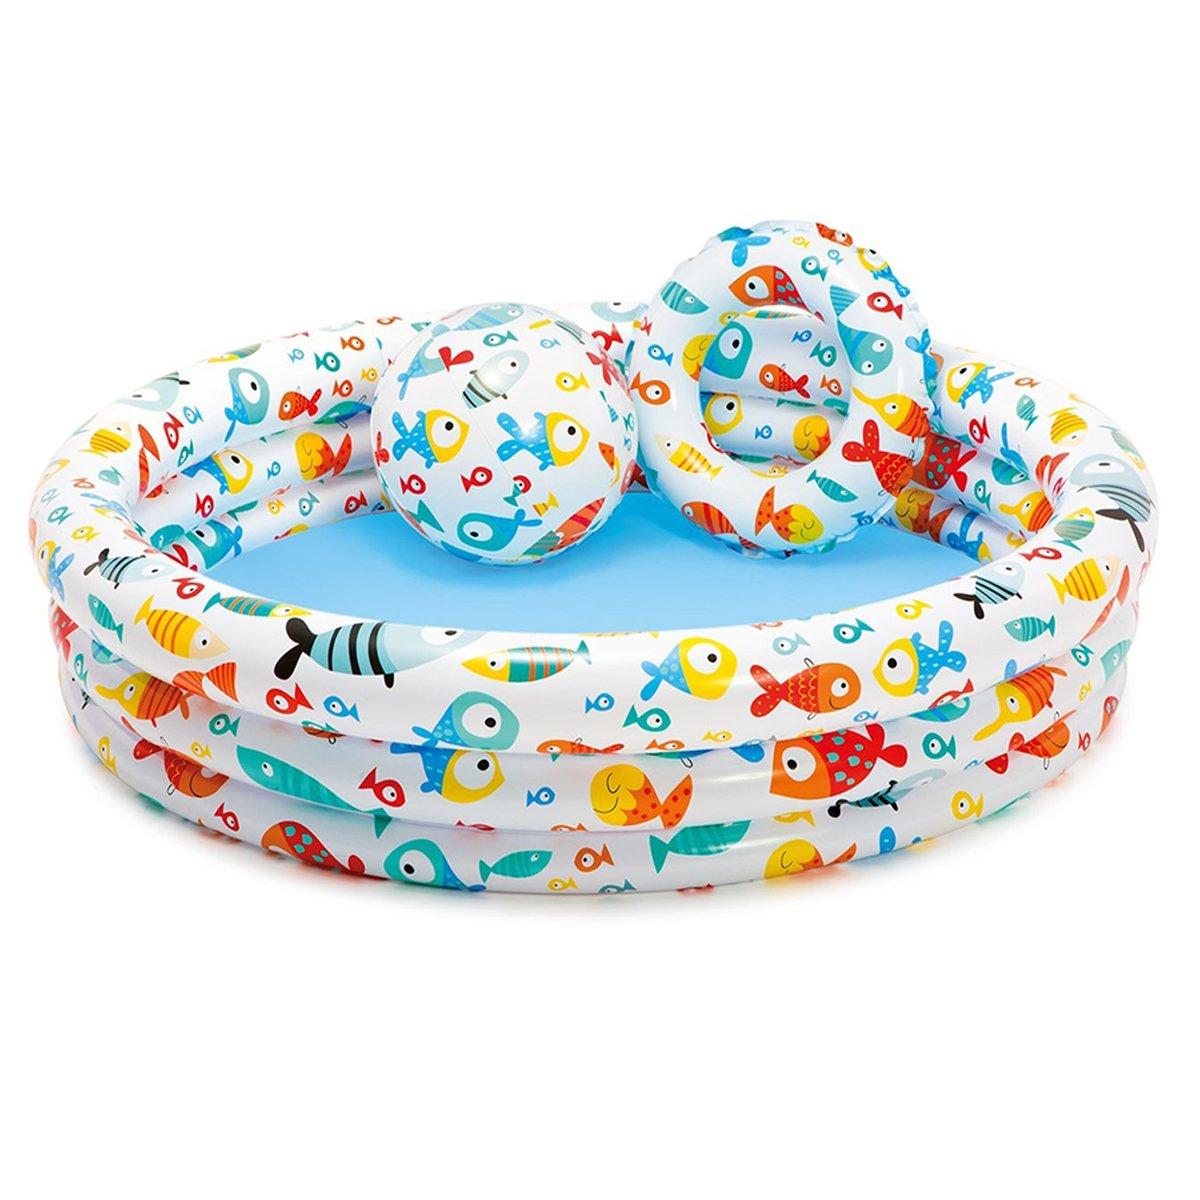 Piscina Gonfiabile Nuoto Anello Ocean Ball Set da 3 Pezzi, Piscina per Bambini sopra Il Fondo Piscina con Pompa di Aria Elettrica Piscina Estiva per Piscina 2+,3Pieces